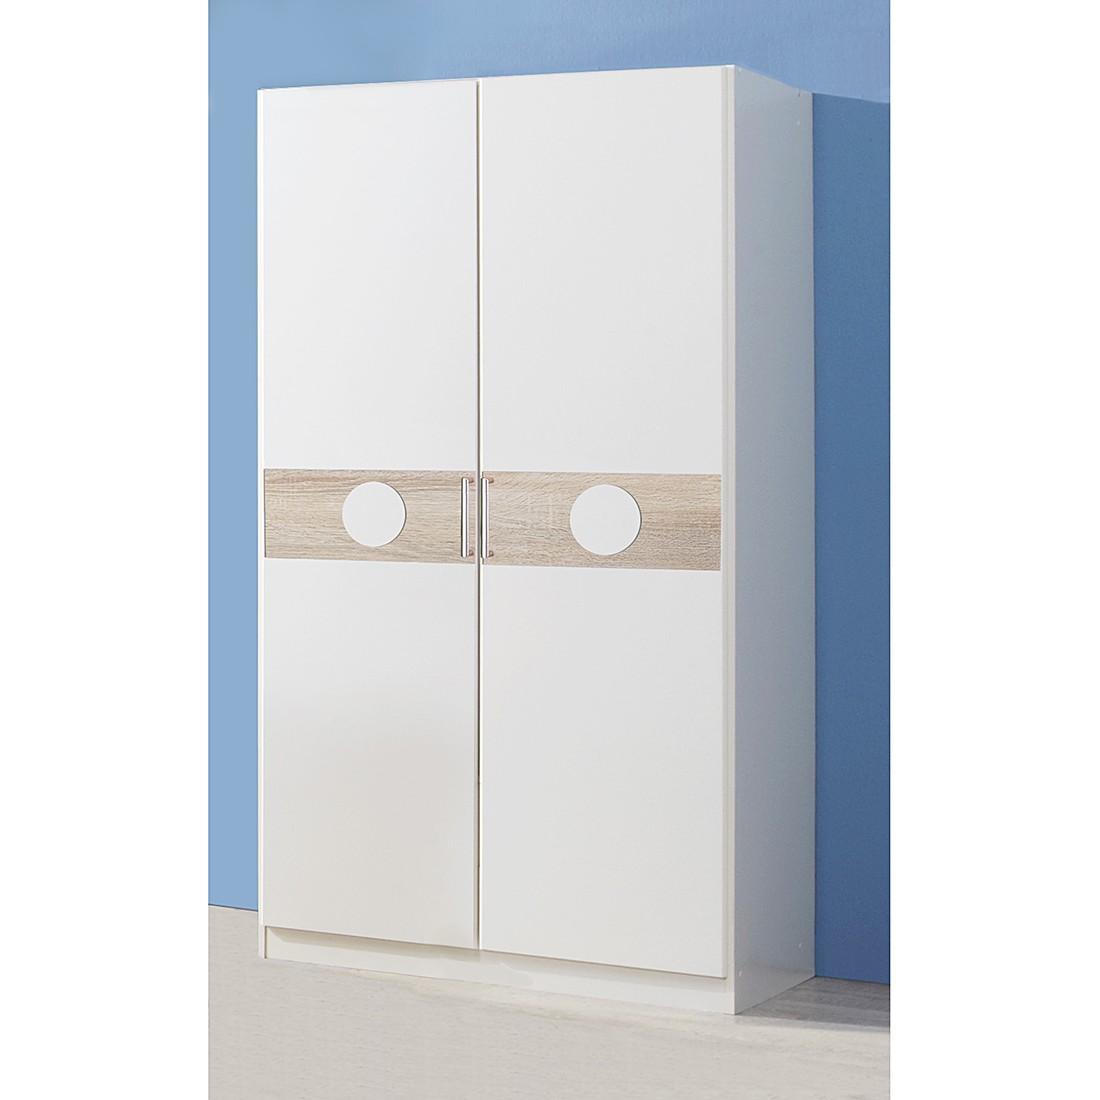 Armoire à vêtements Simba I - Blanc alpin / Chêne brut de sciage Largeur : 90 cm - 2 portes - Sans séparation centrale, Wimex